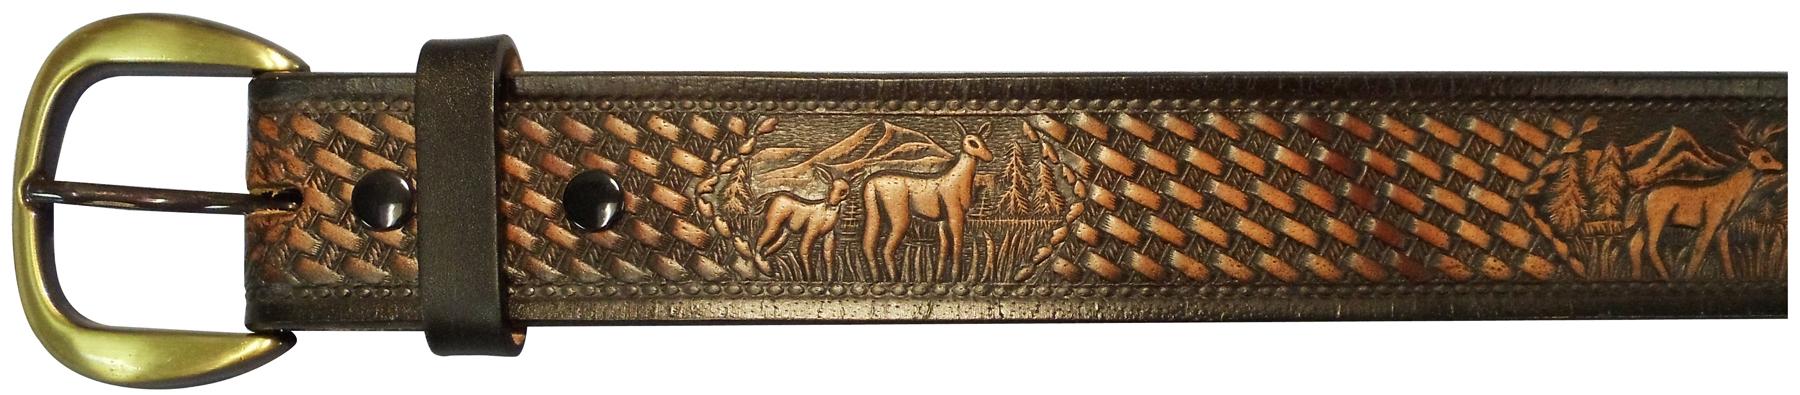 """10610160138 - 38"""" Black Leather Belt With Deer Design"""